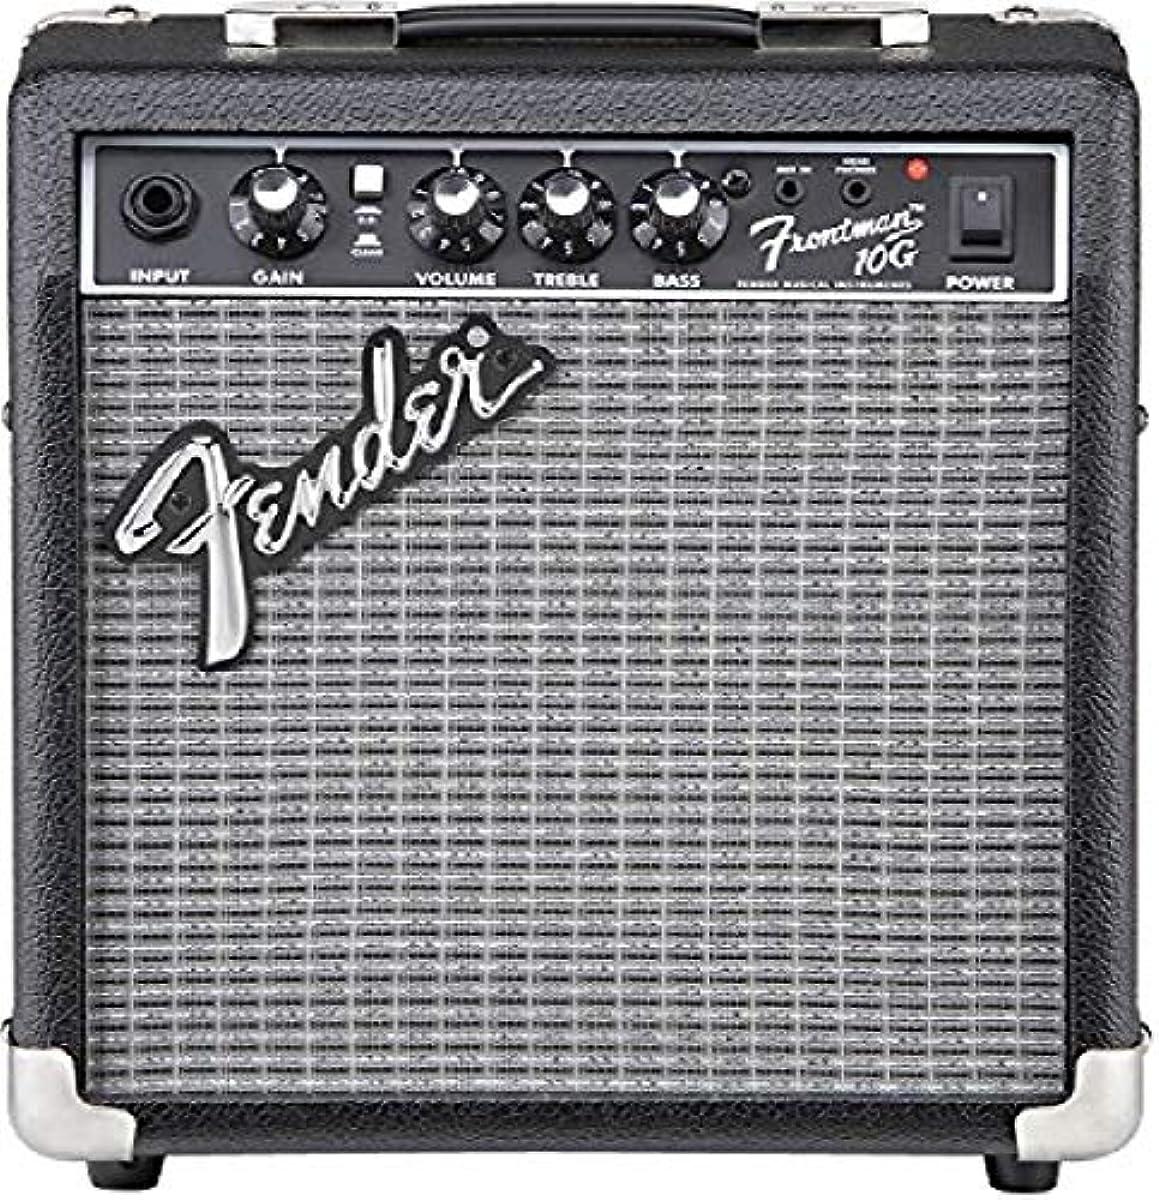 [해외] FENDER 팬더 FRONTMAN 10G 기타 앰프 【일본 국내 정규 수입품】